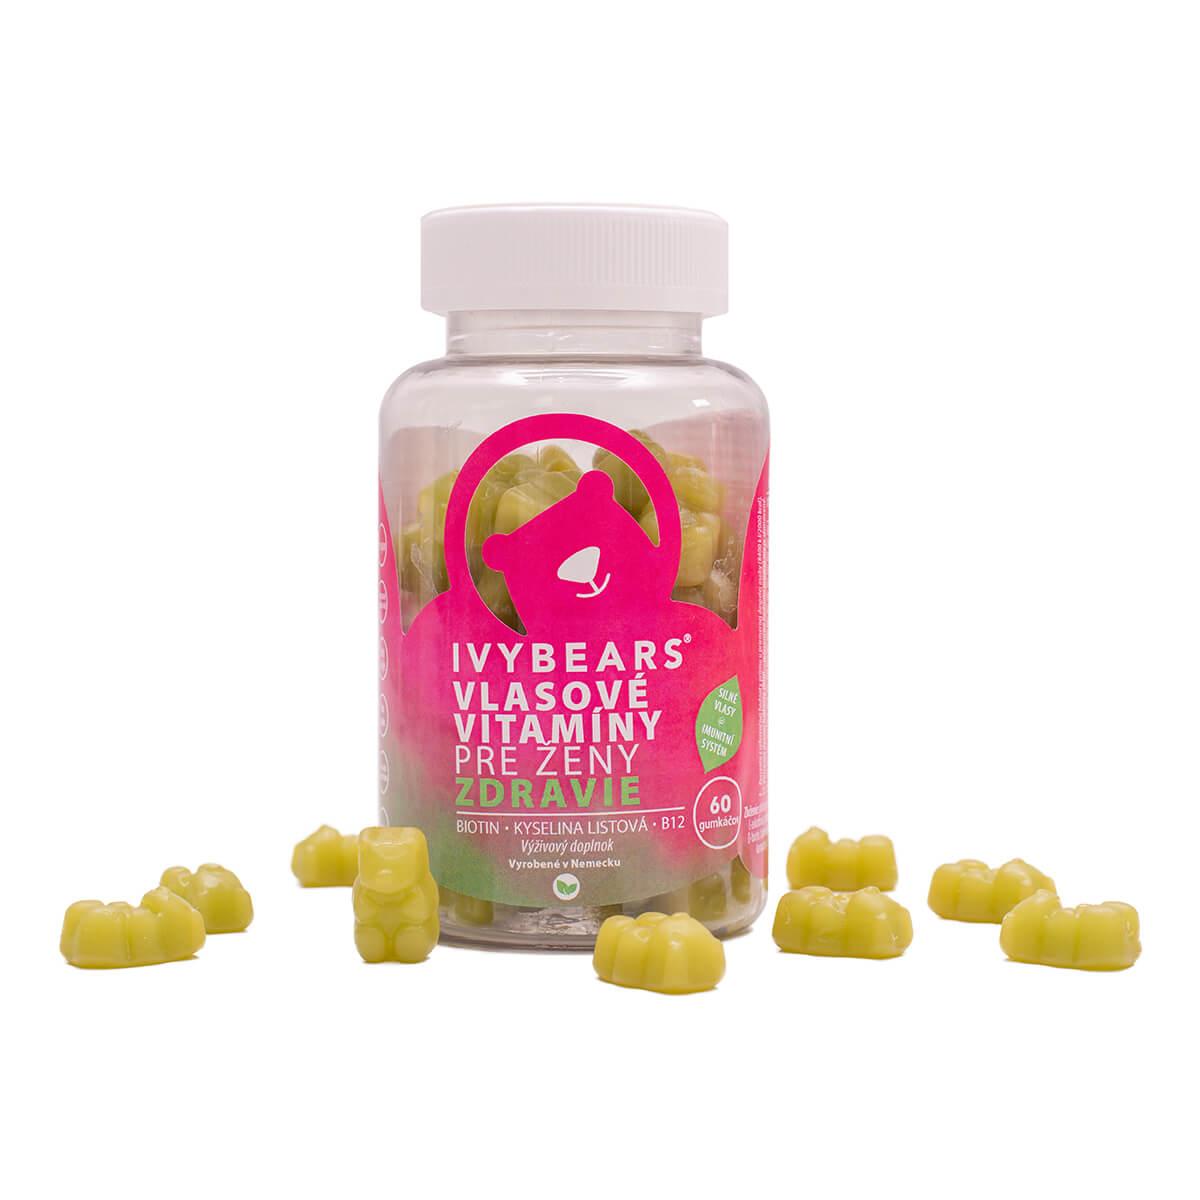 IVY Bears vlasové vitamíny pre ženy 60ks